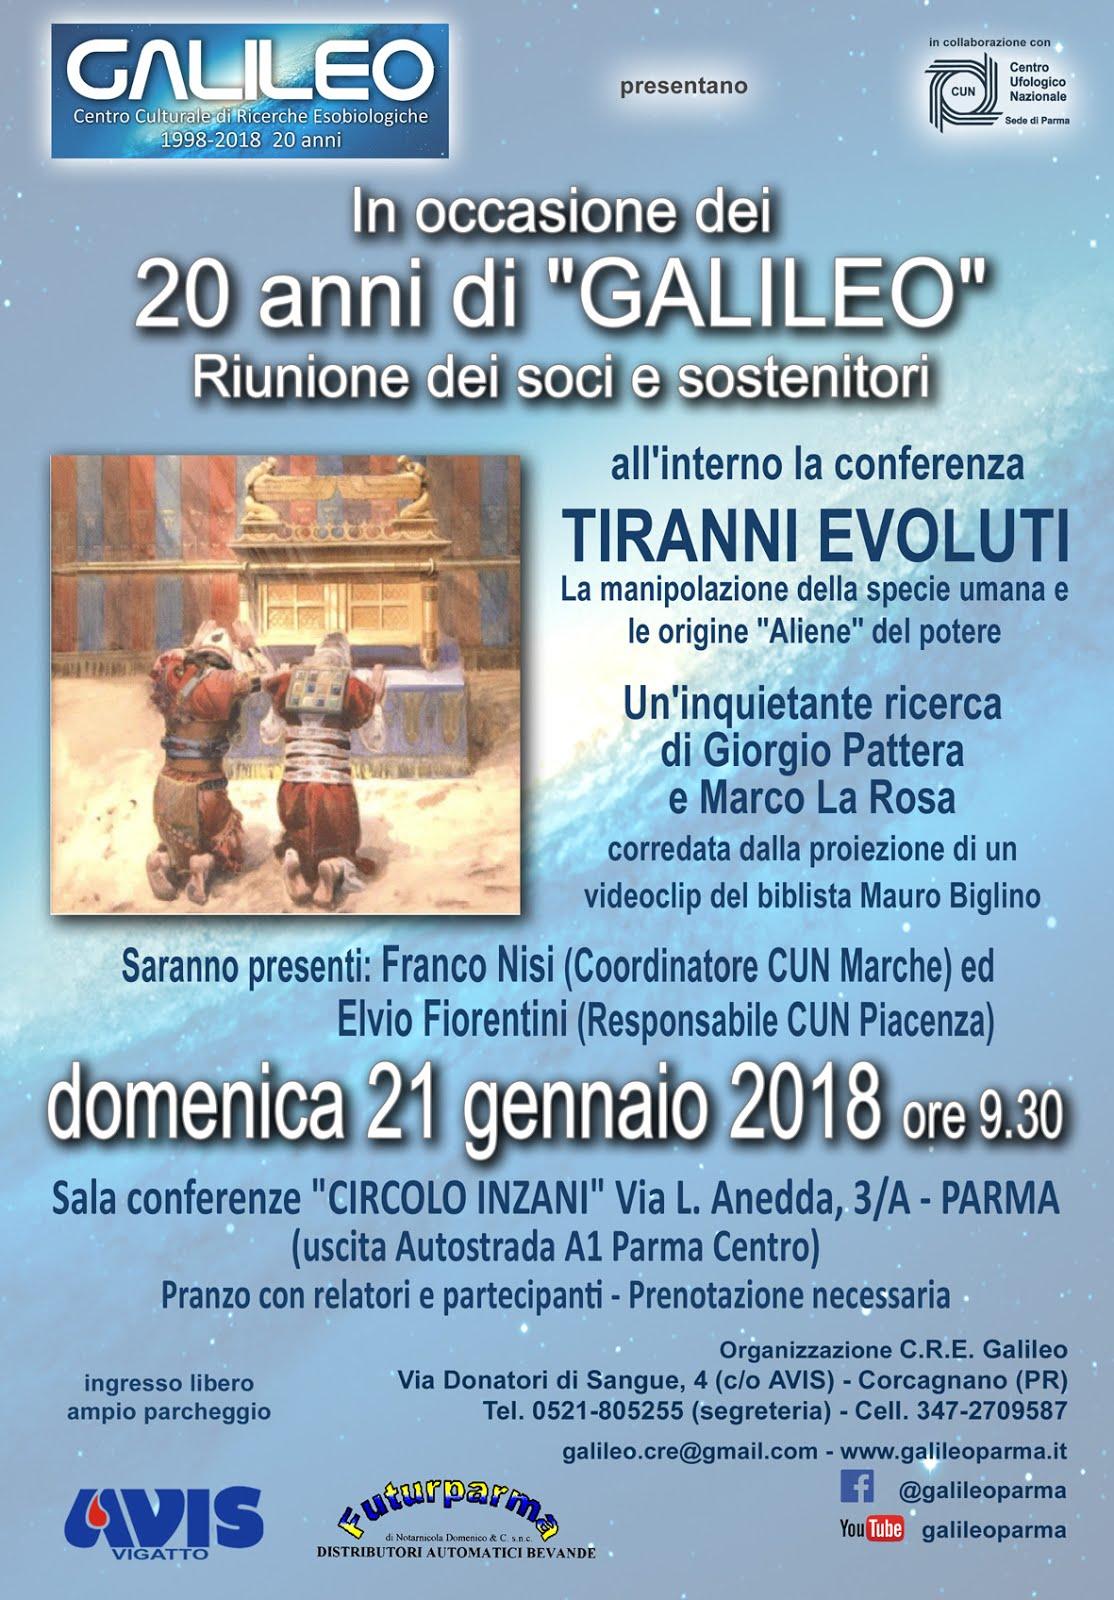 GALILEO: 20 ANNI DI ATTIVITA'